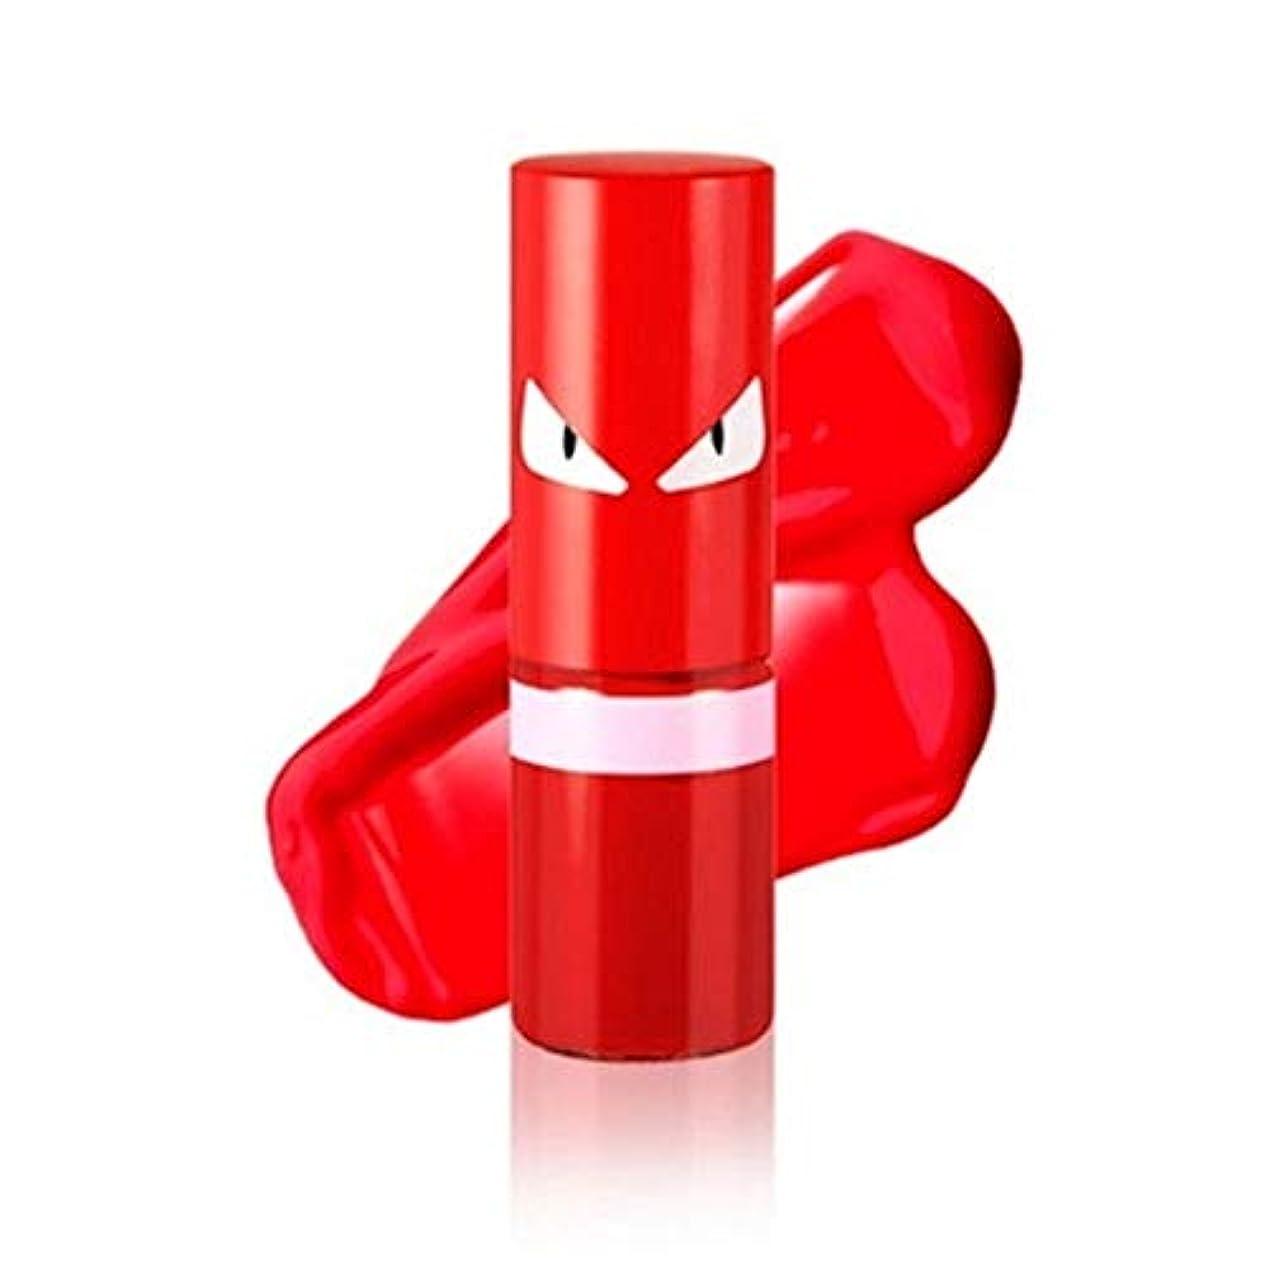 カスタムコカイン処分した[ HOTMI ] ホットミー リッププランパー (リップポンプ) 激辛レッド 7g Korea cosmetic (spicy lip pump extra strong red 7g)